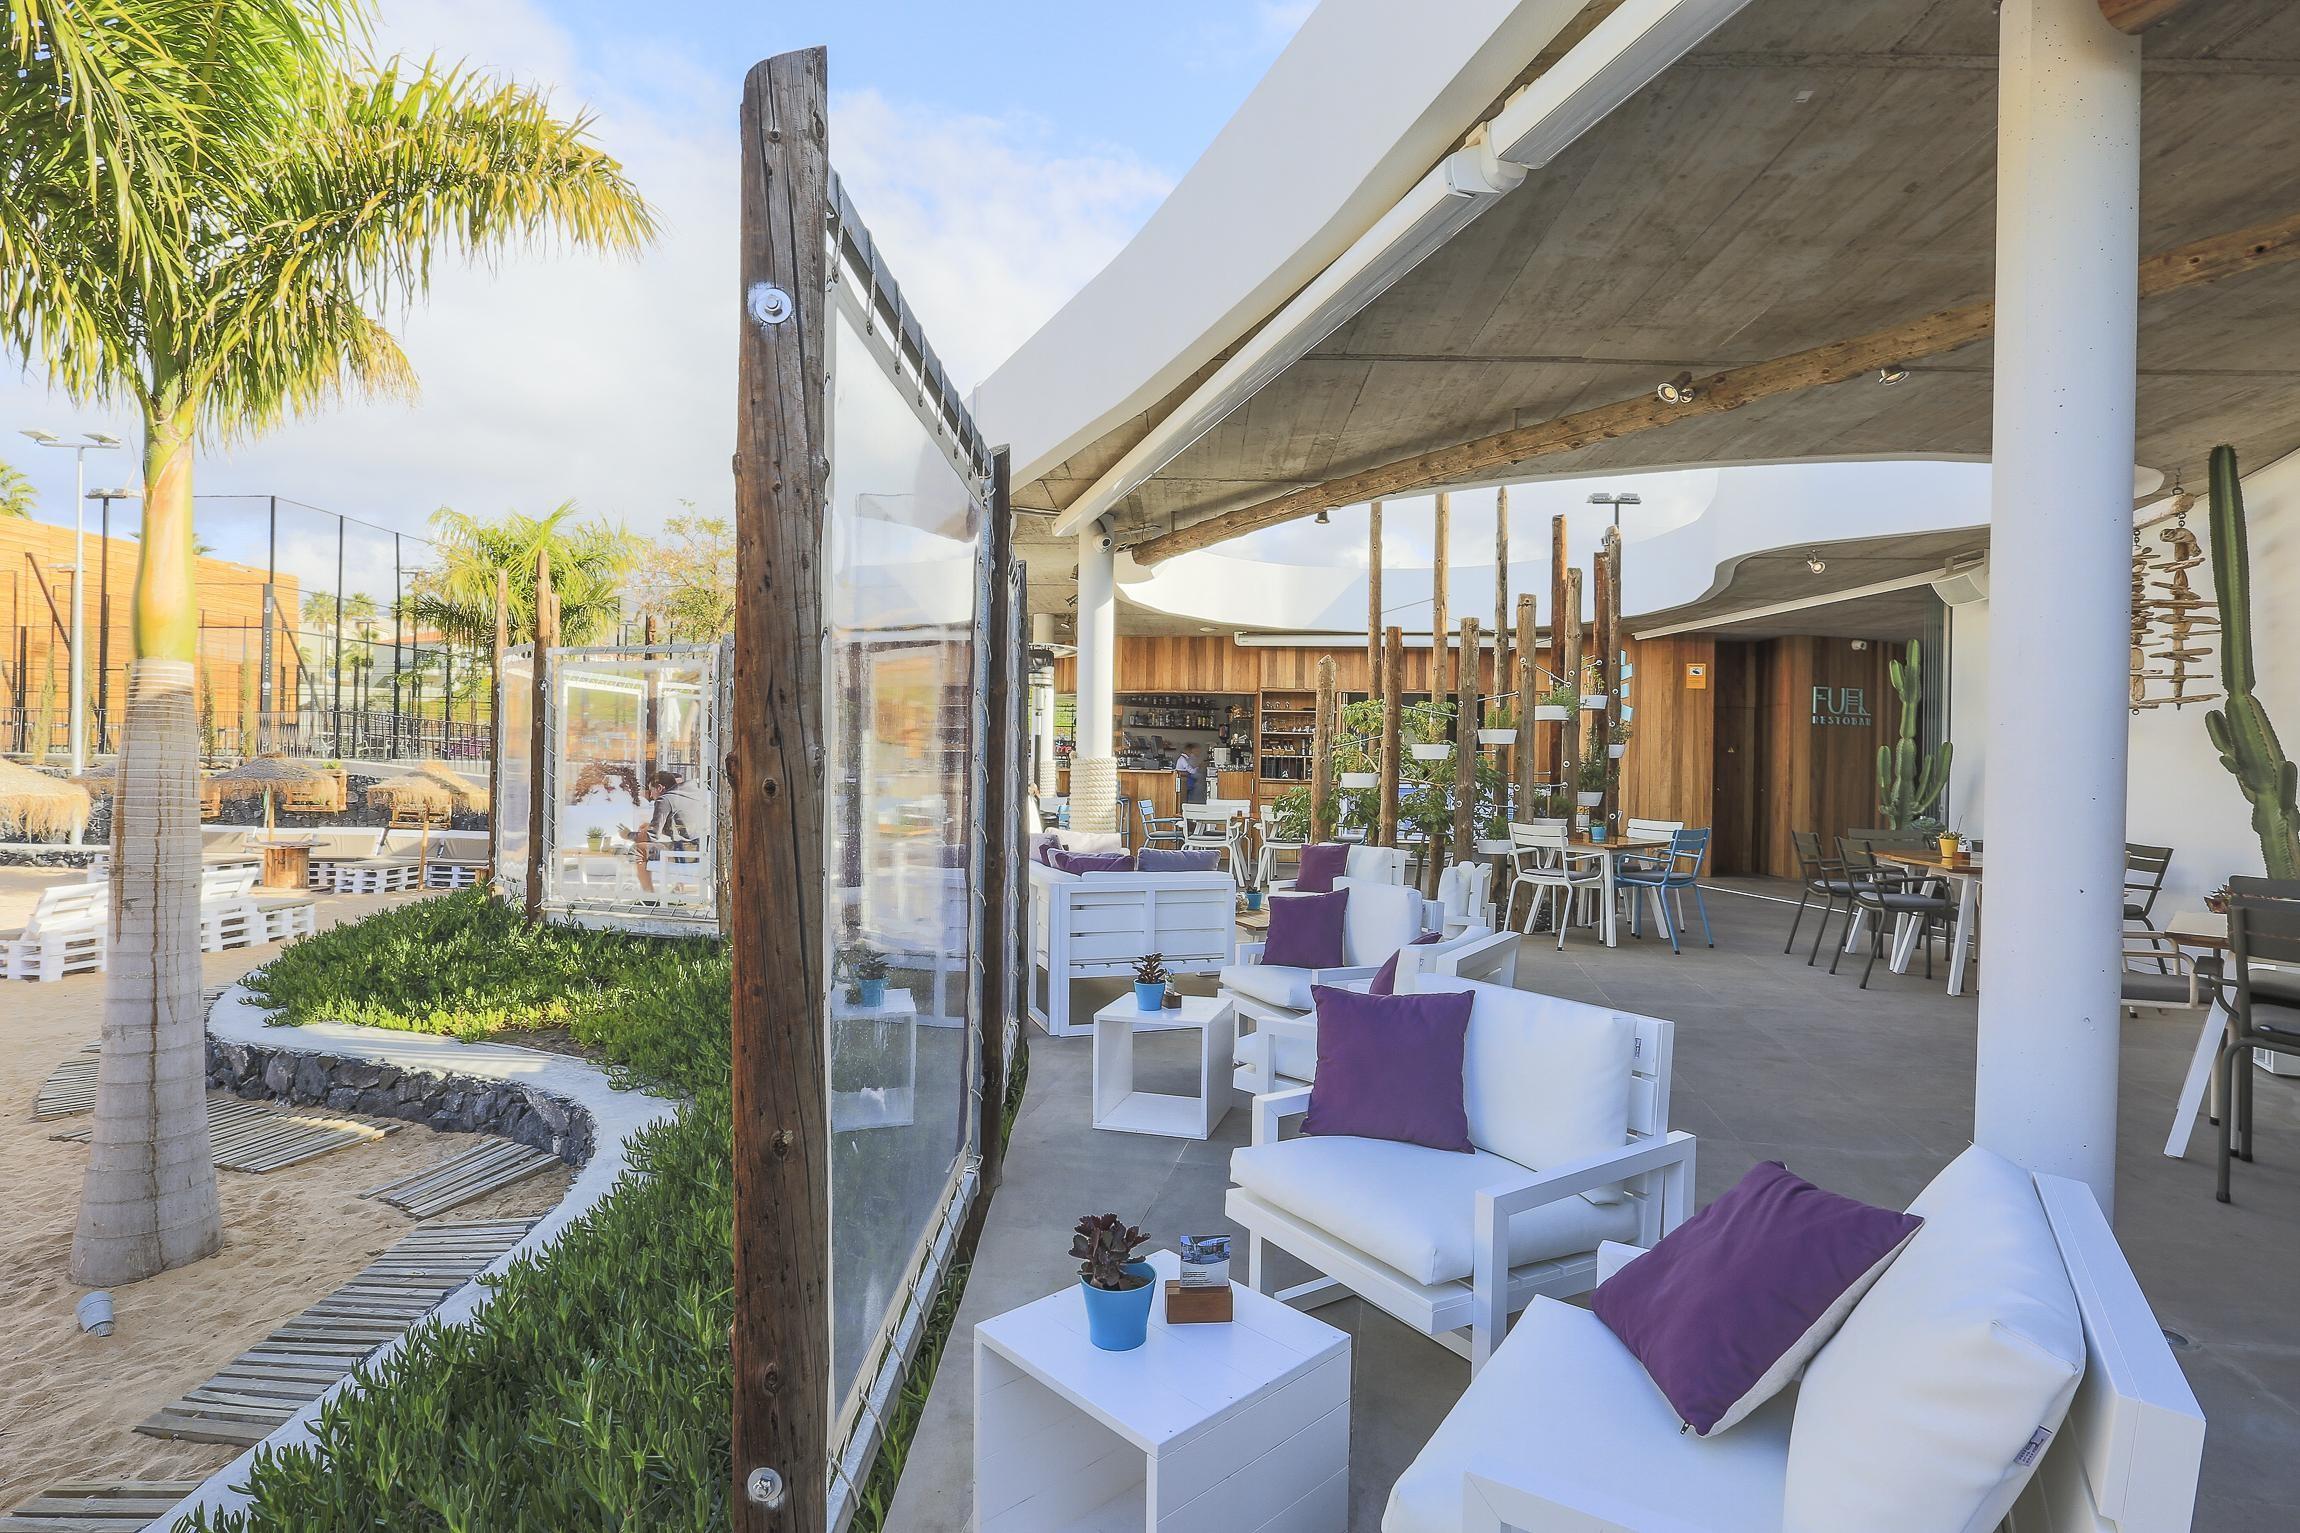 baobab-suites-hotel-fuel-gastrobar-que-ver-tenerife